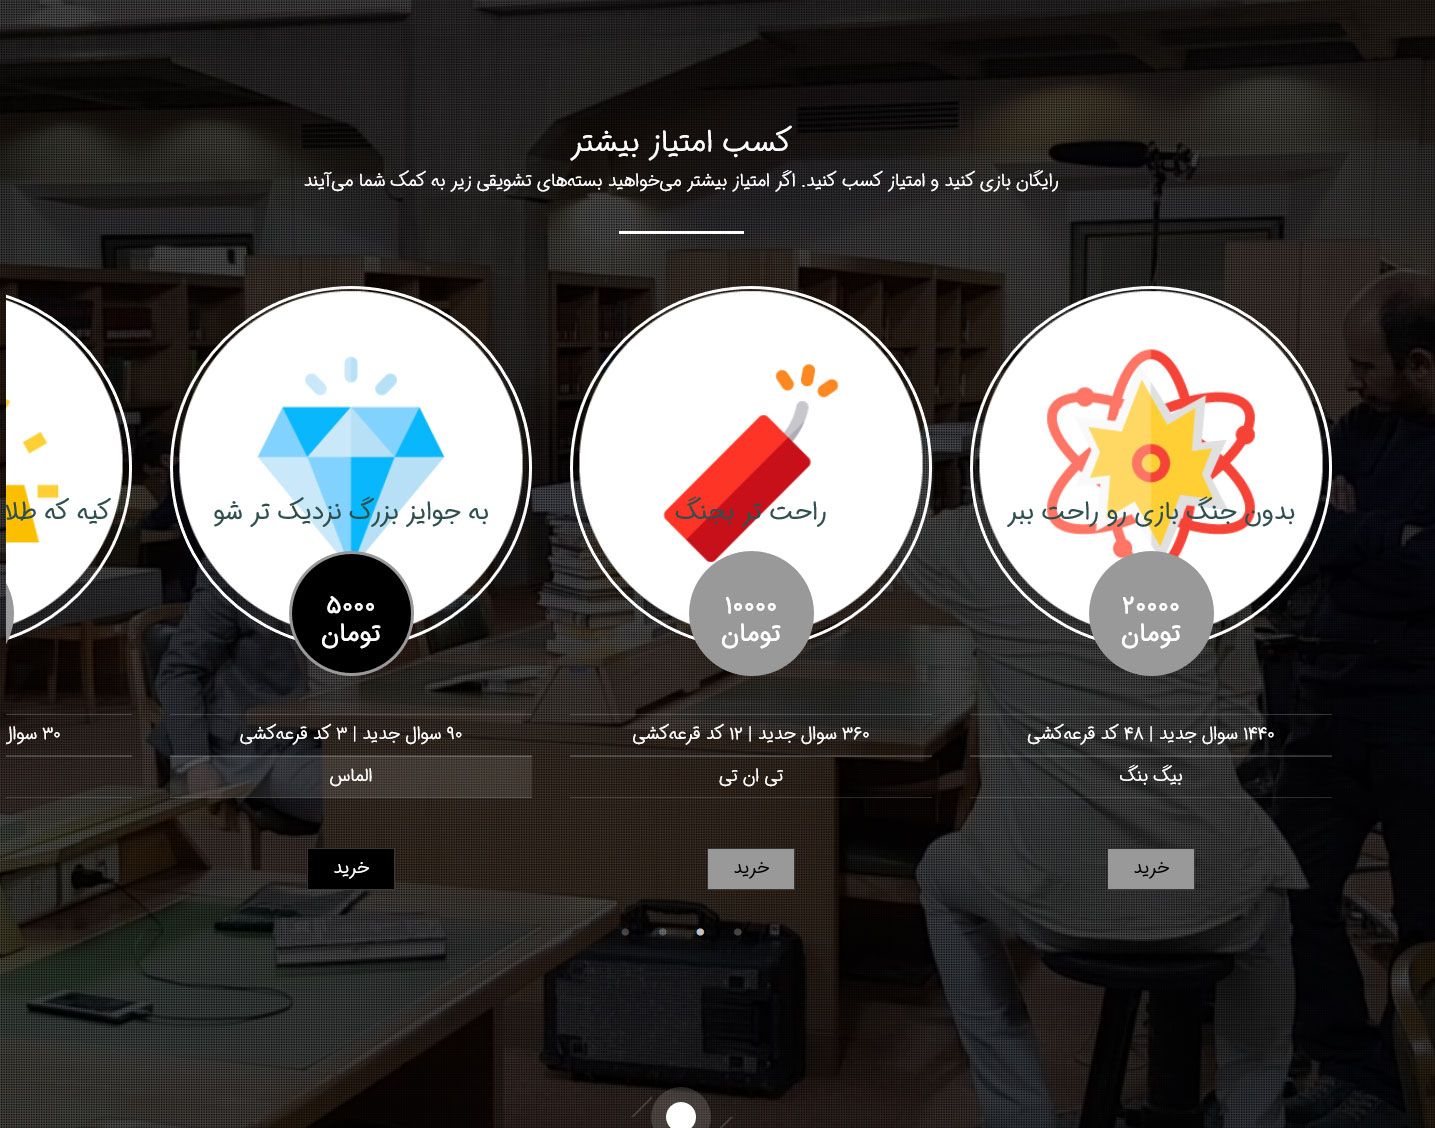 بالاترین دستمزد تاریخ تلویزیون برای محمدرضا گلزار با بختآزمایی آنلاین؟!